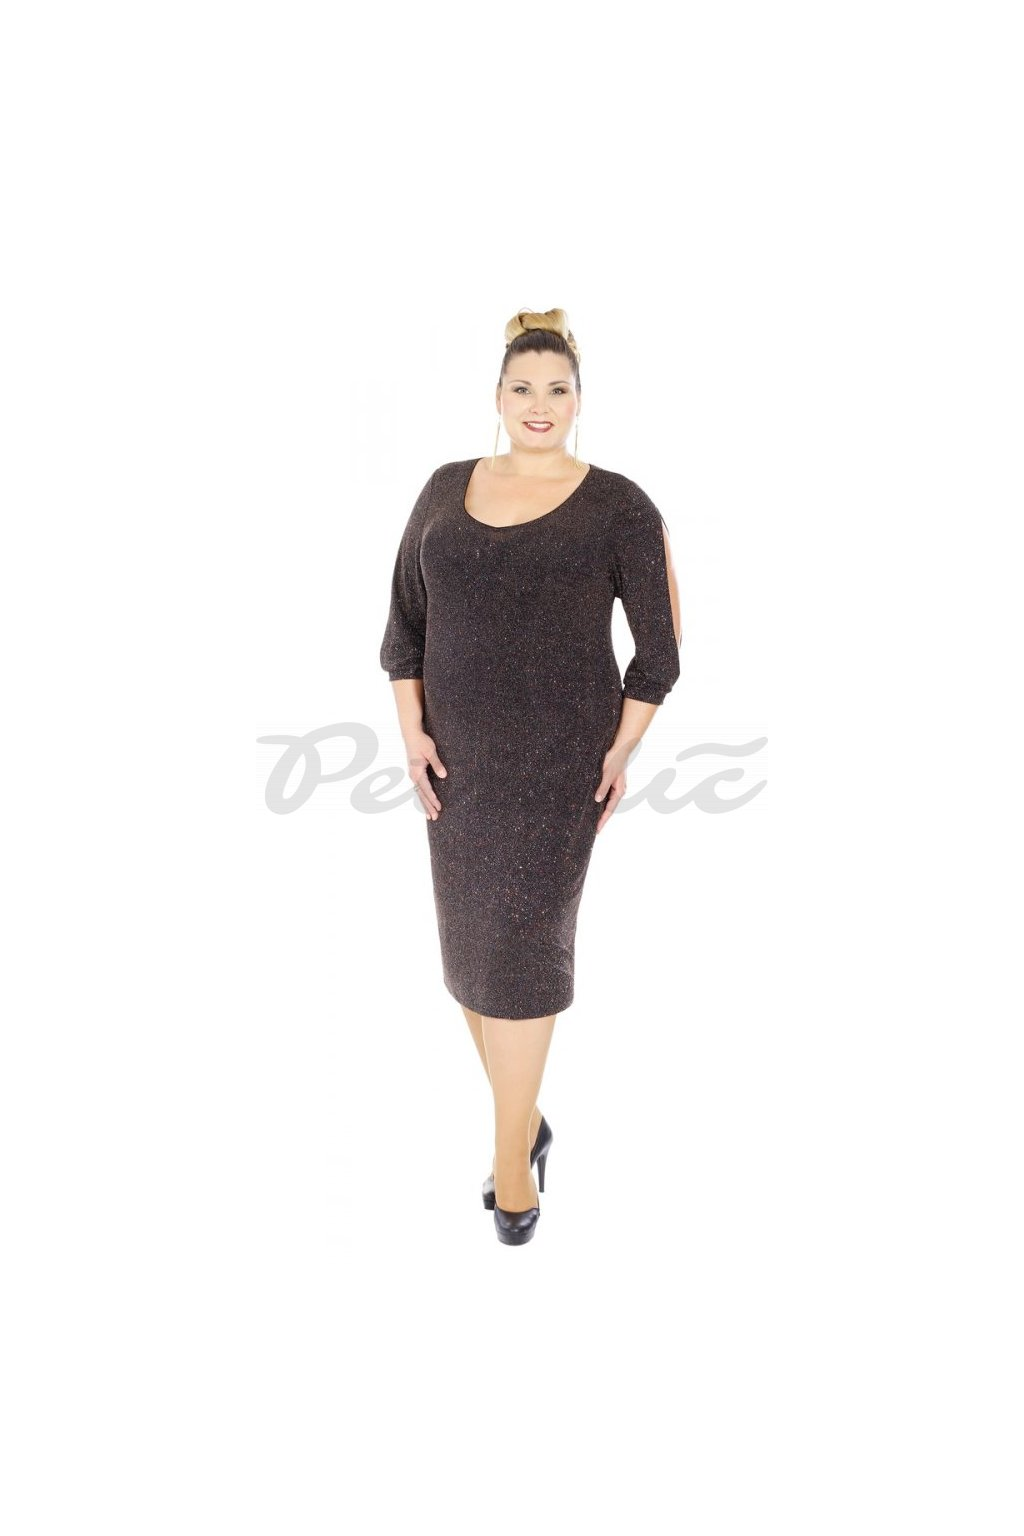 MANKA - plesové šaty 95 - 100 cm